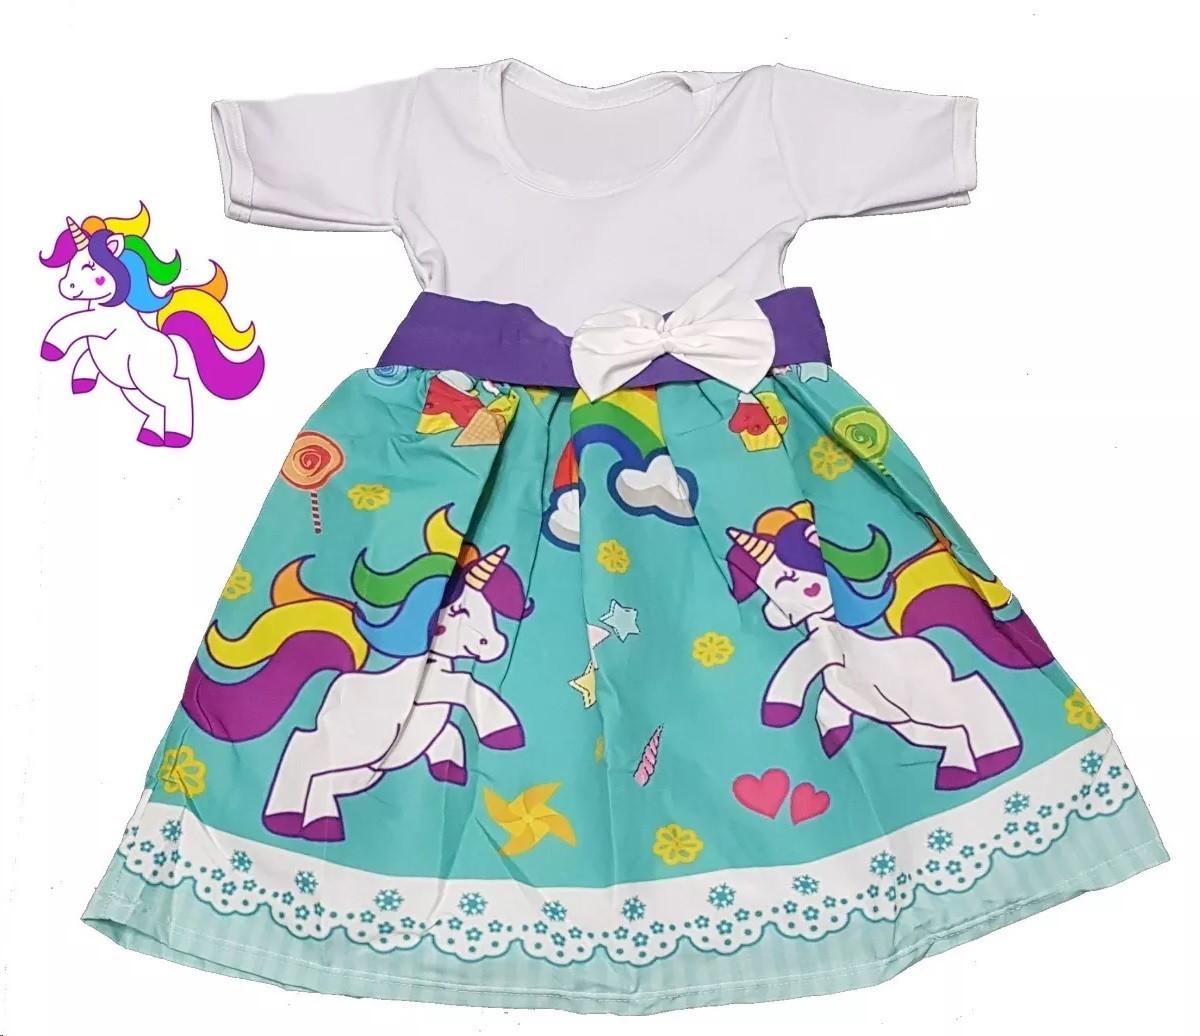 f995118d72 Vestido festa infantil tema unicórnio Tamanho 5 a 6 anos no Elo7 ...